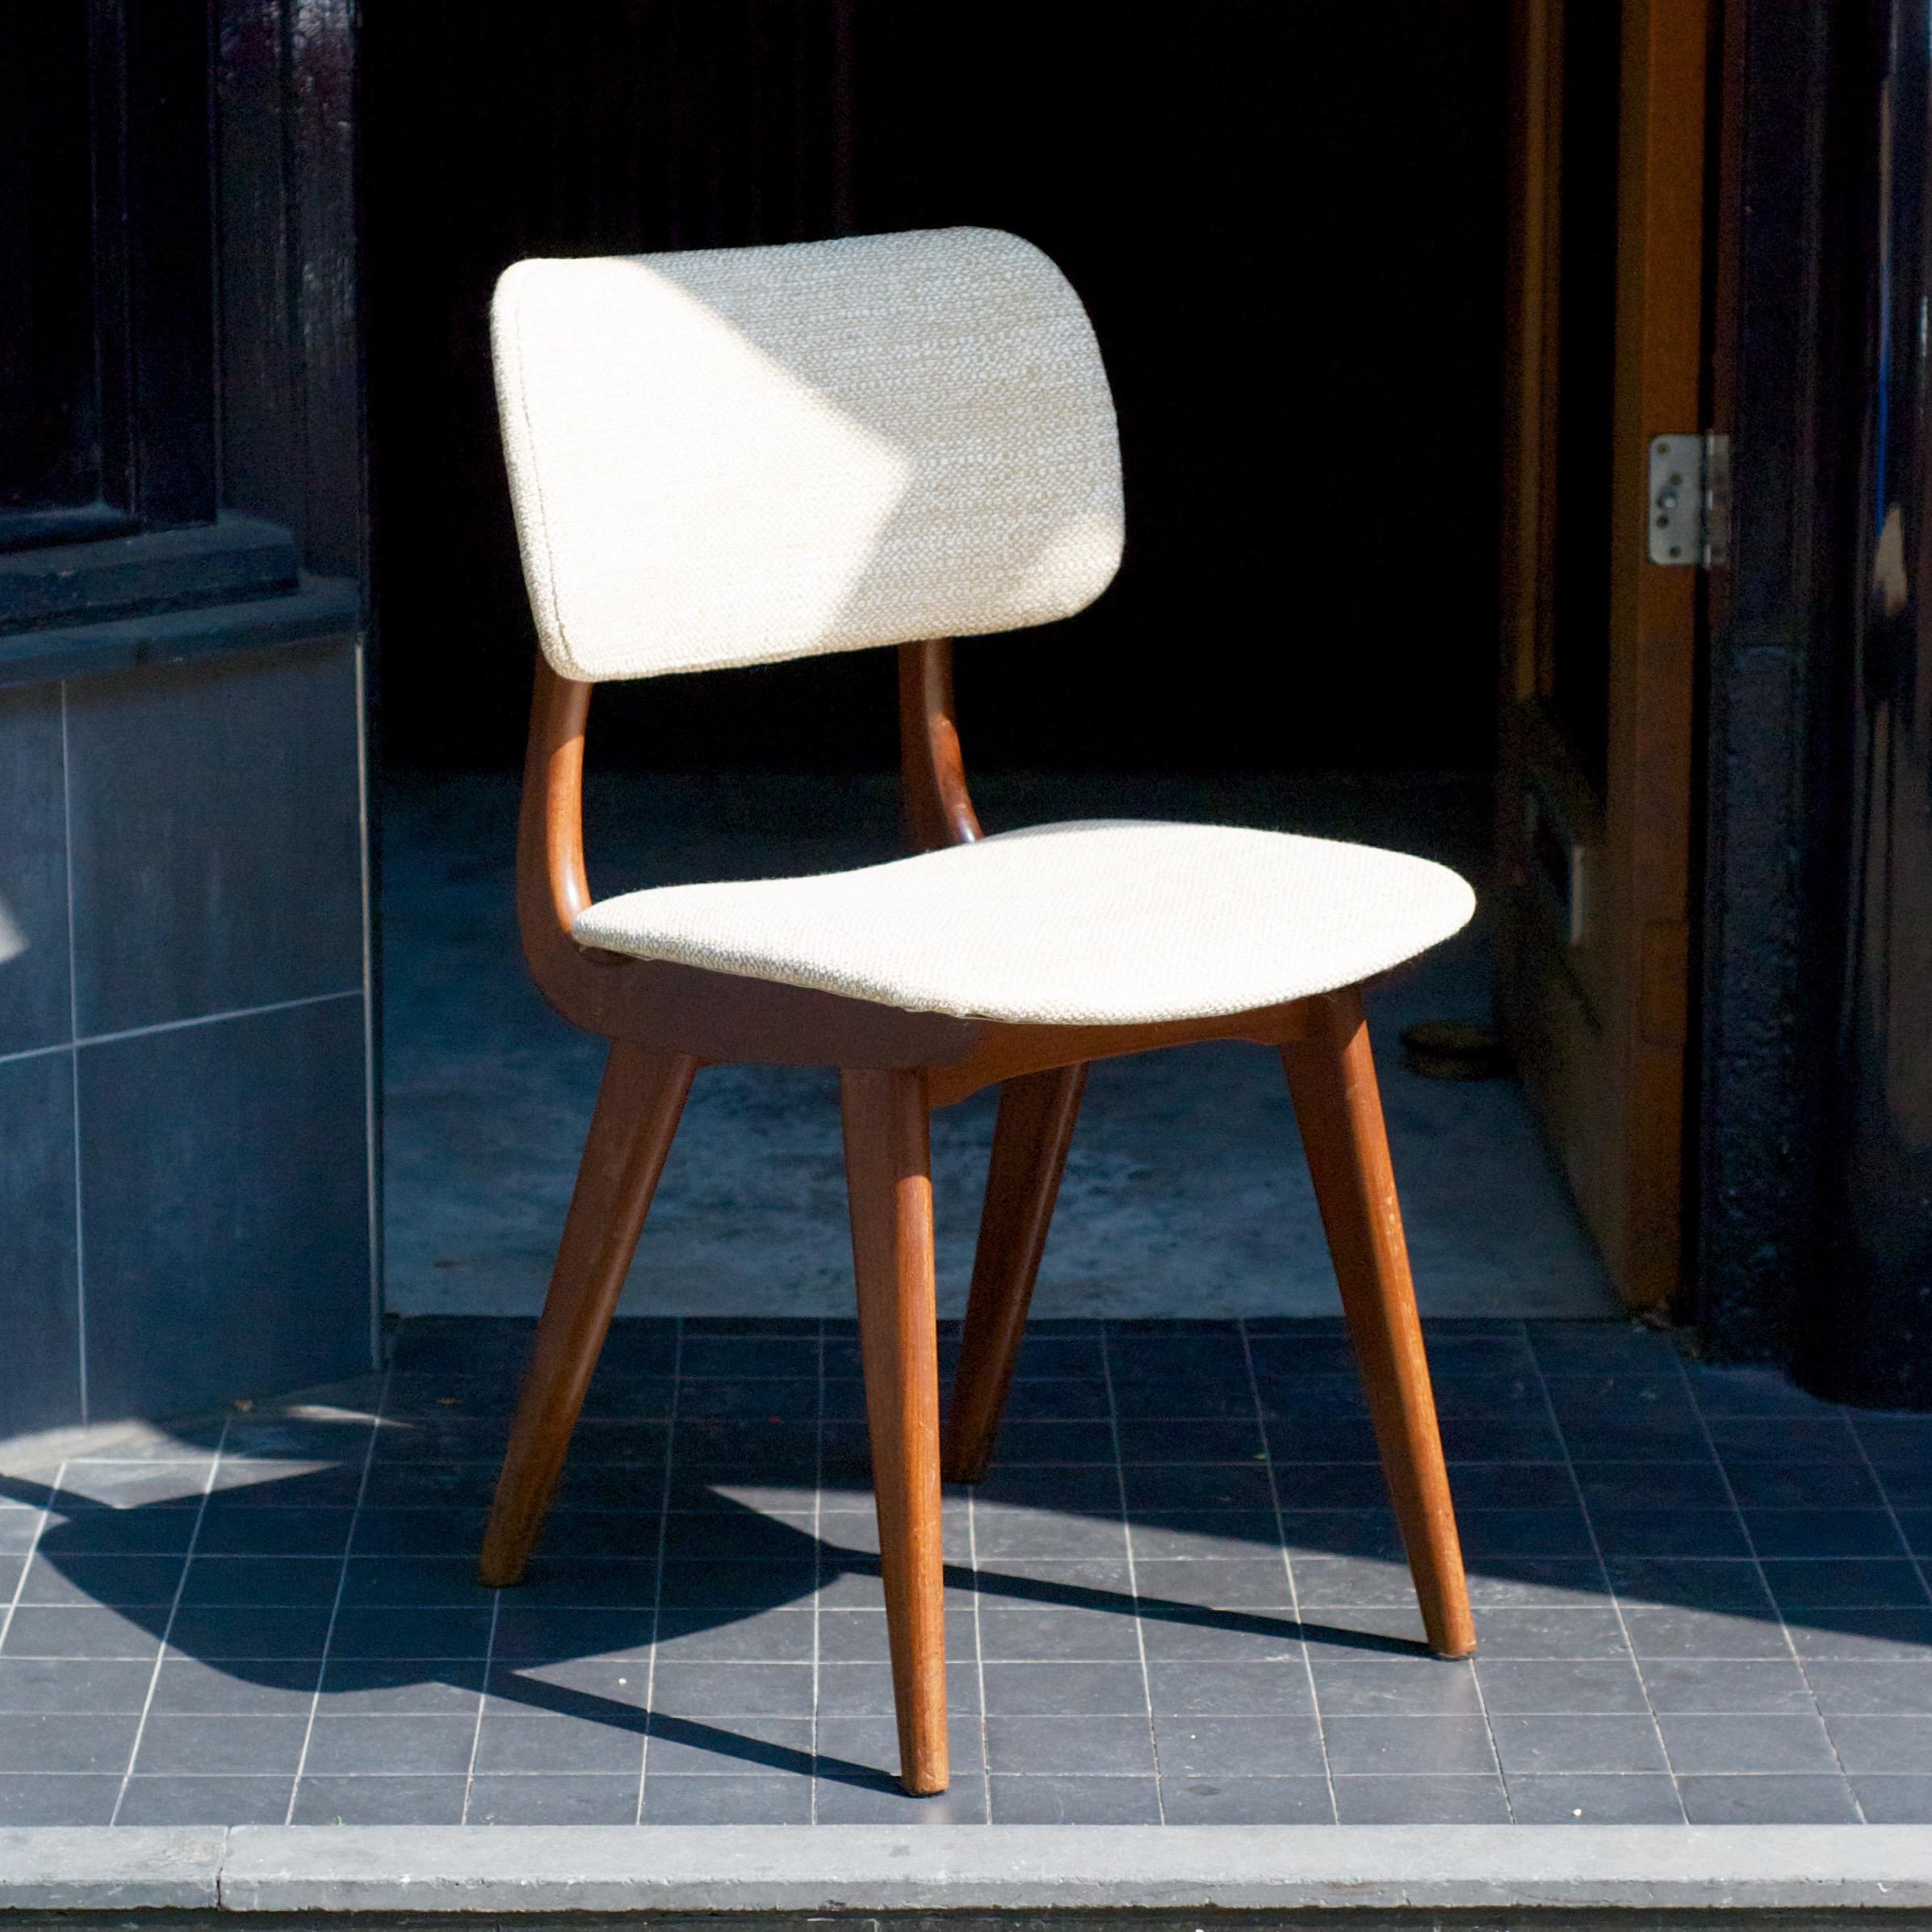 Nieuw gestoffeerde eetkamerstoel van louis van teeffelen for Eetkamerstoel fauteuil